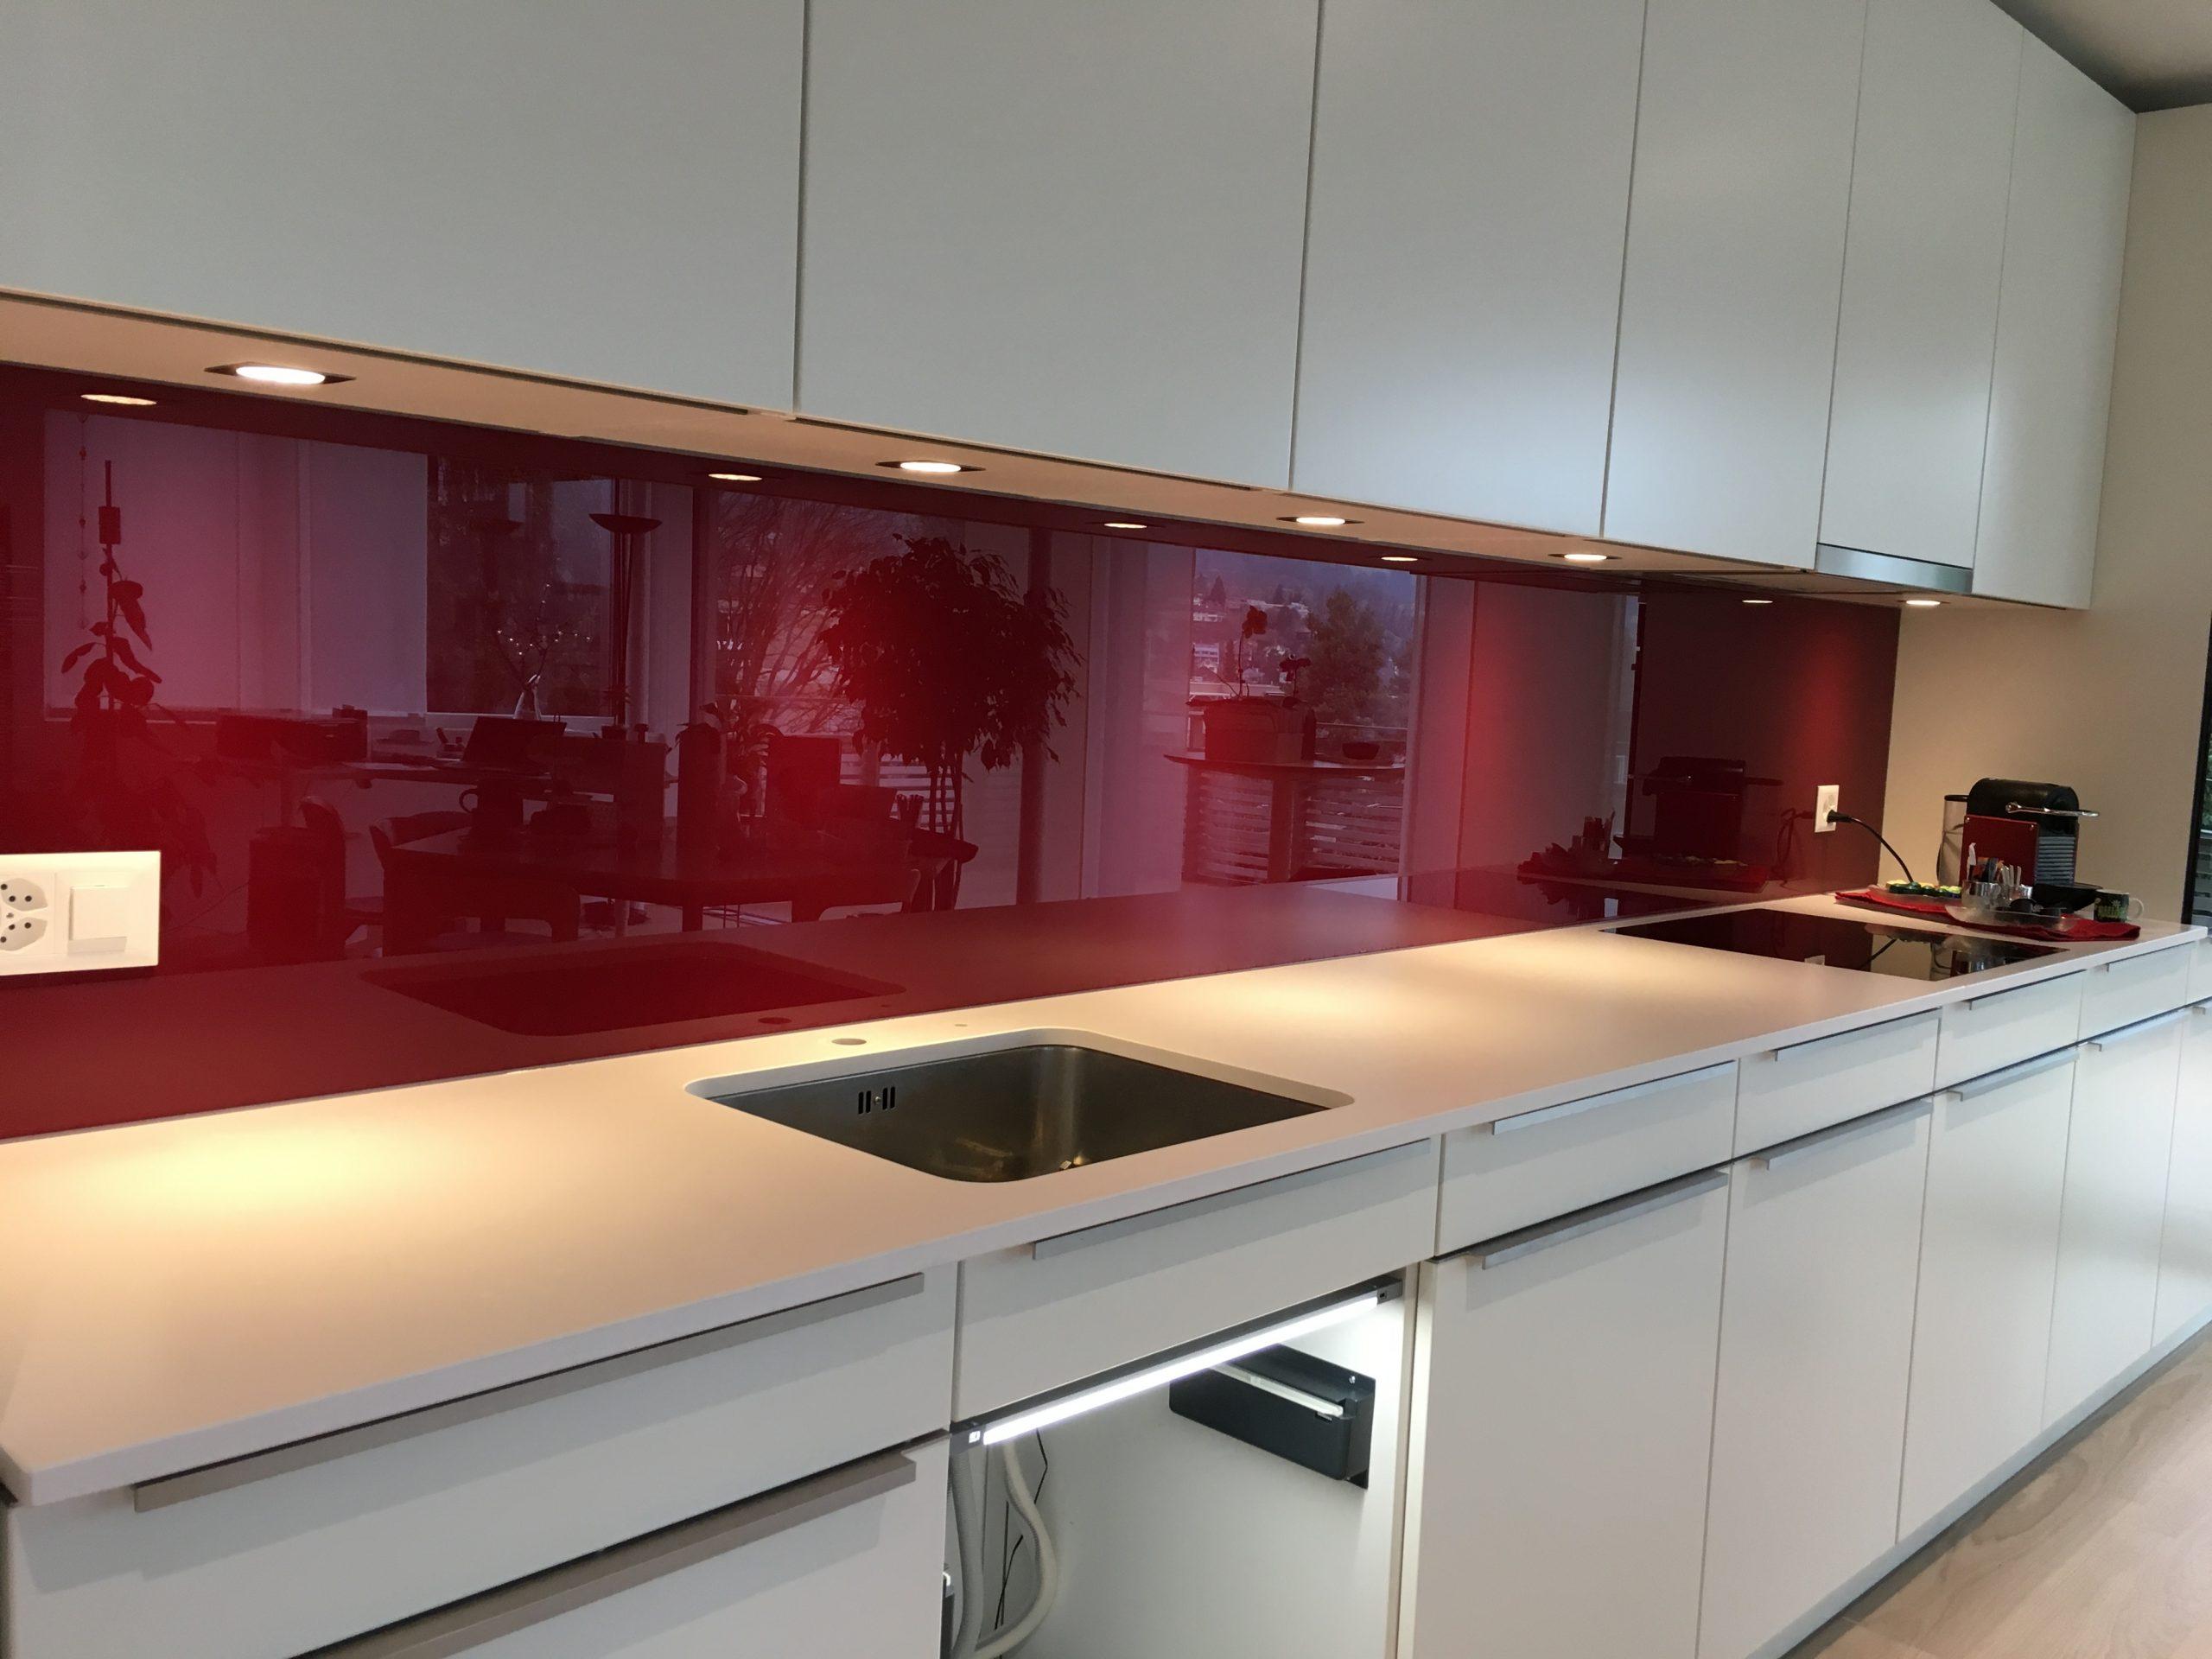 Full Size of Glaswand Küche Spritzschutz Glaswand Küche Reinigen Glaswand Küche Wohnzimmer Glaswand Küche Montage Küche Glaswand Küche